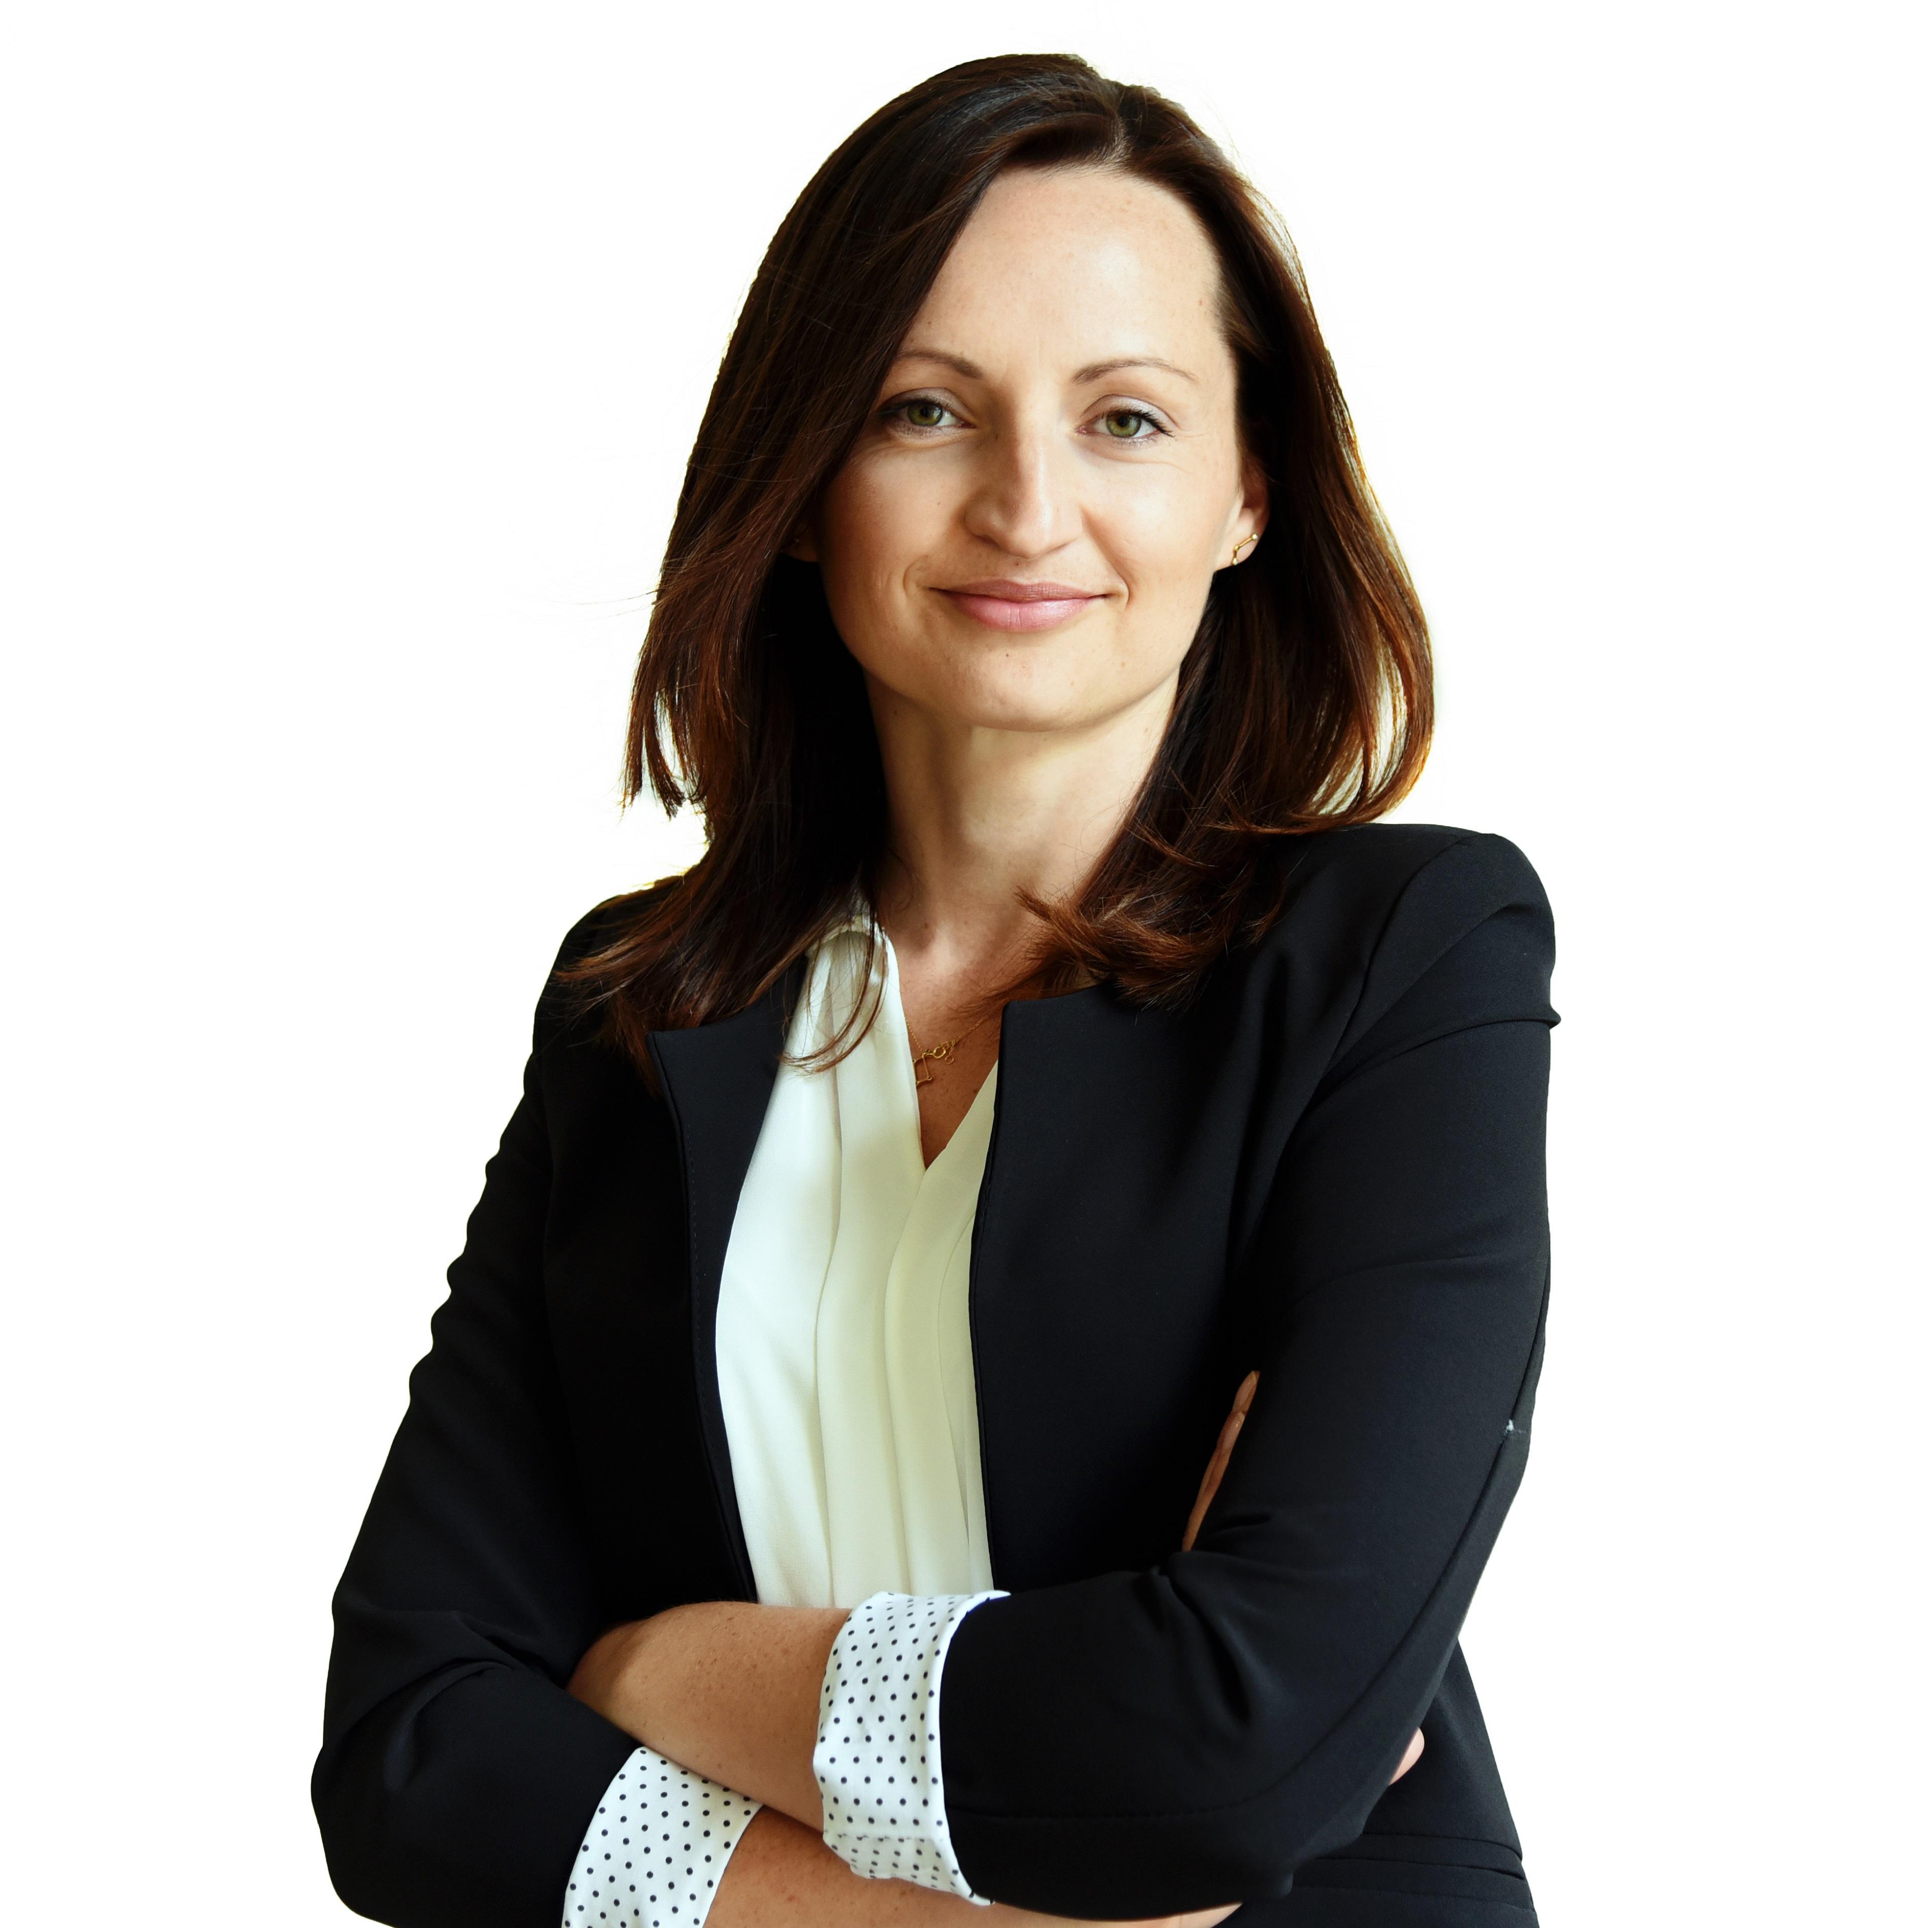 Katarzyna Dulik